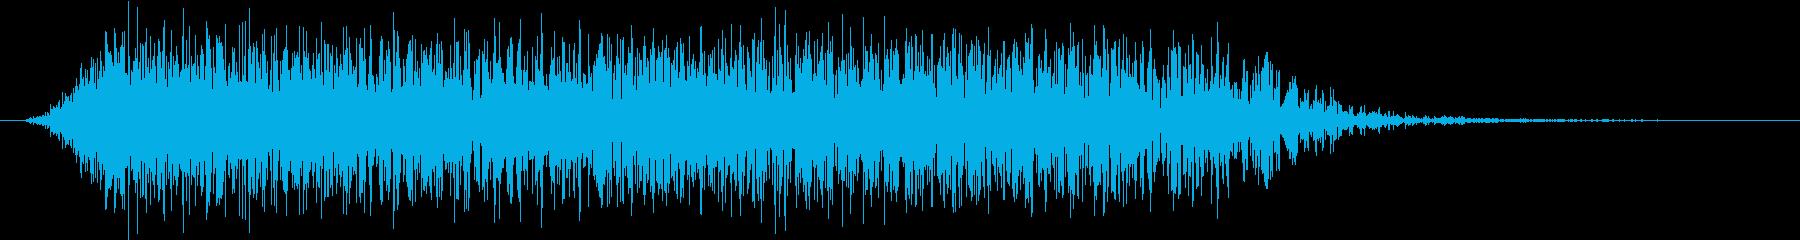 モンスター 悲鳴 40の再生済みの波形